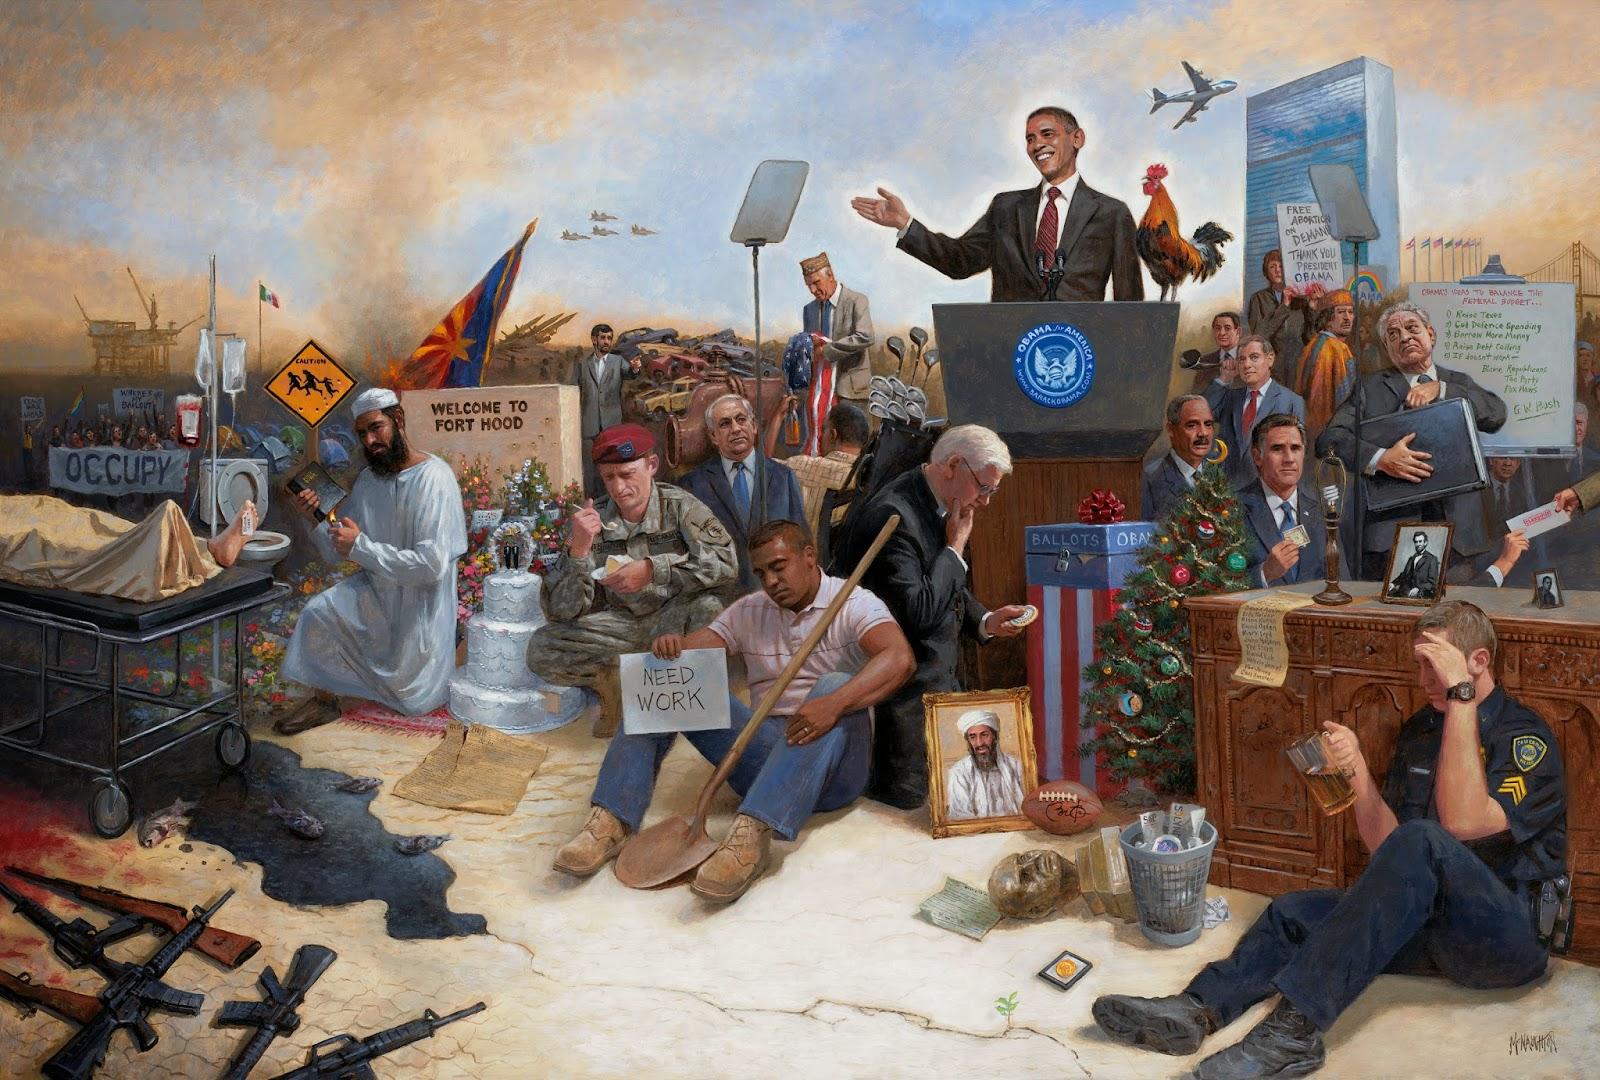 http://4.bp.blogspot.com/-cwCqETVBFTs/U2352w2C2vI/AAAAAAAALmo/tqDxJ_RfHd4/s1600/obama-new-world-order.jpg